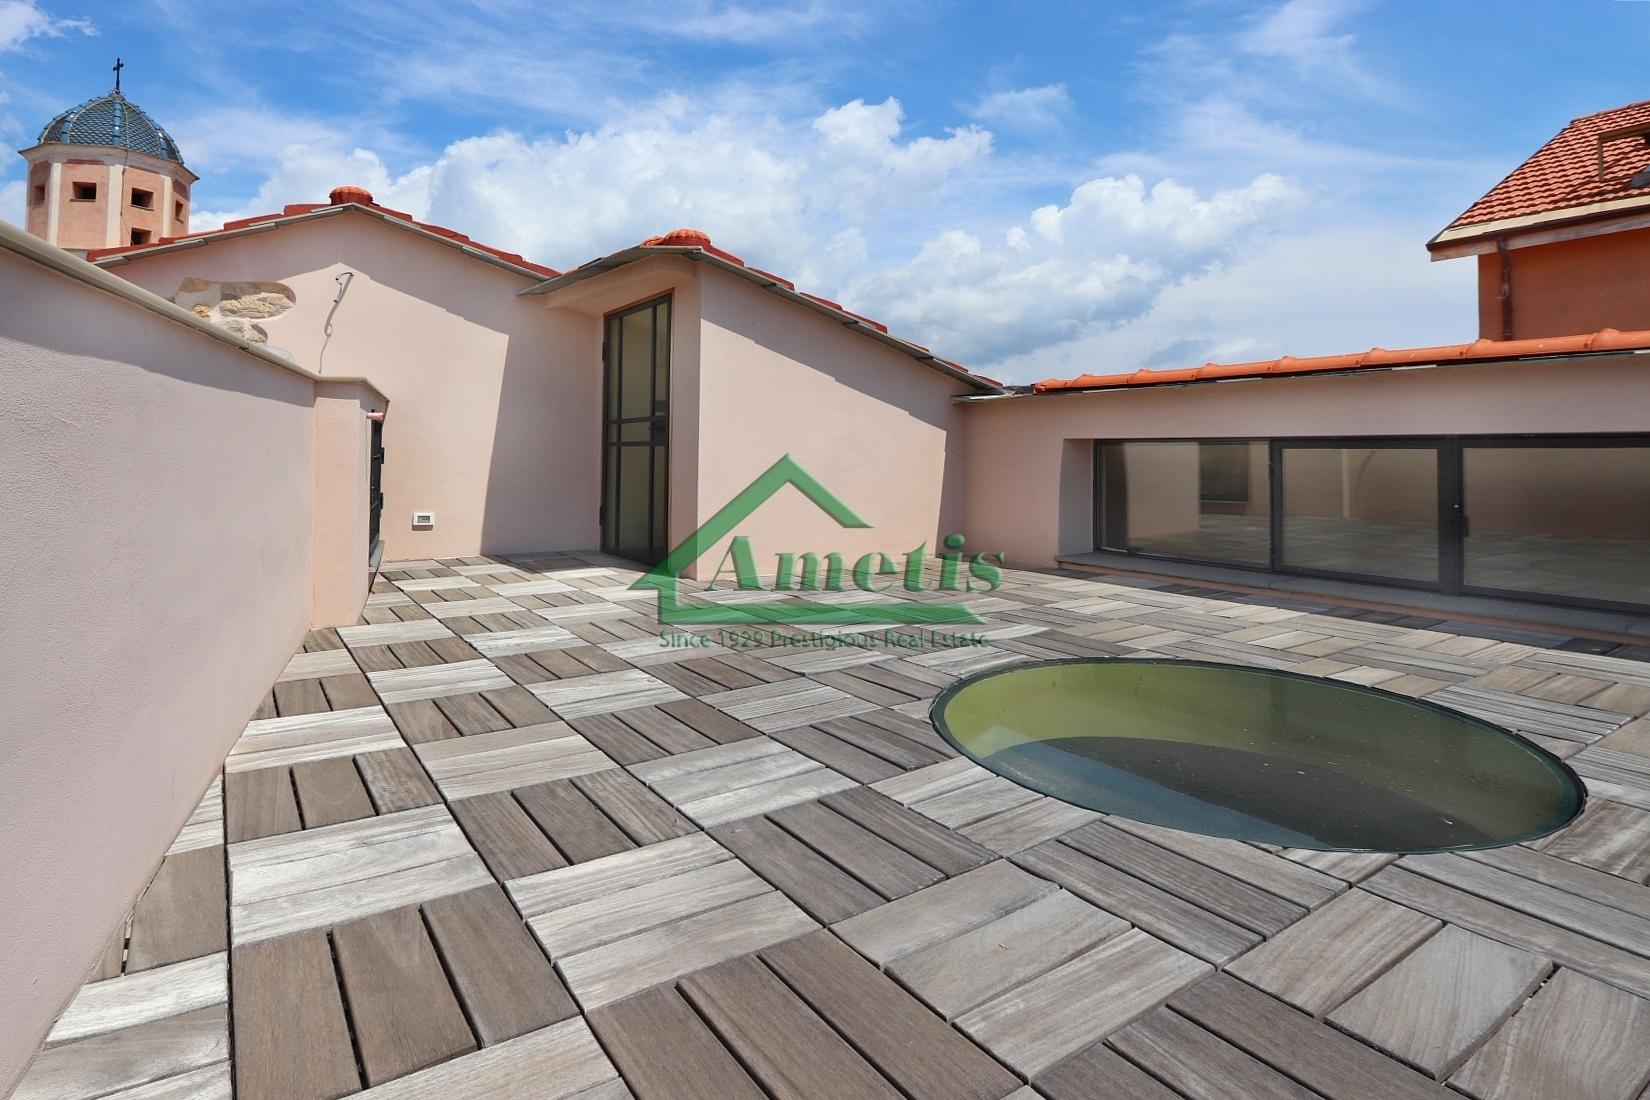 Appartamento in vendita a Diano Castello, 3 locali, prezzo € 250.000 | CambioCasa.it